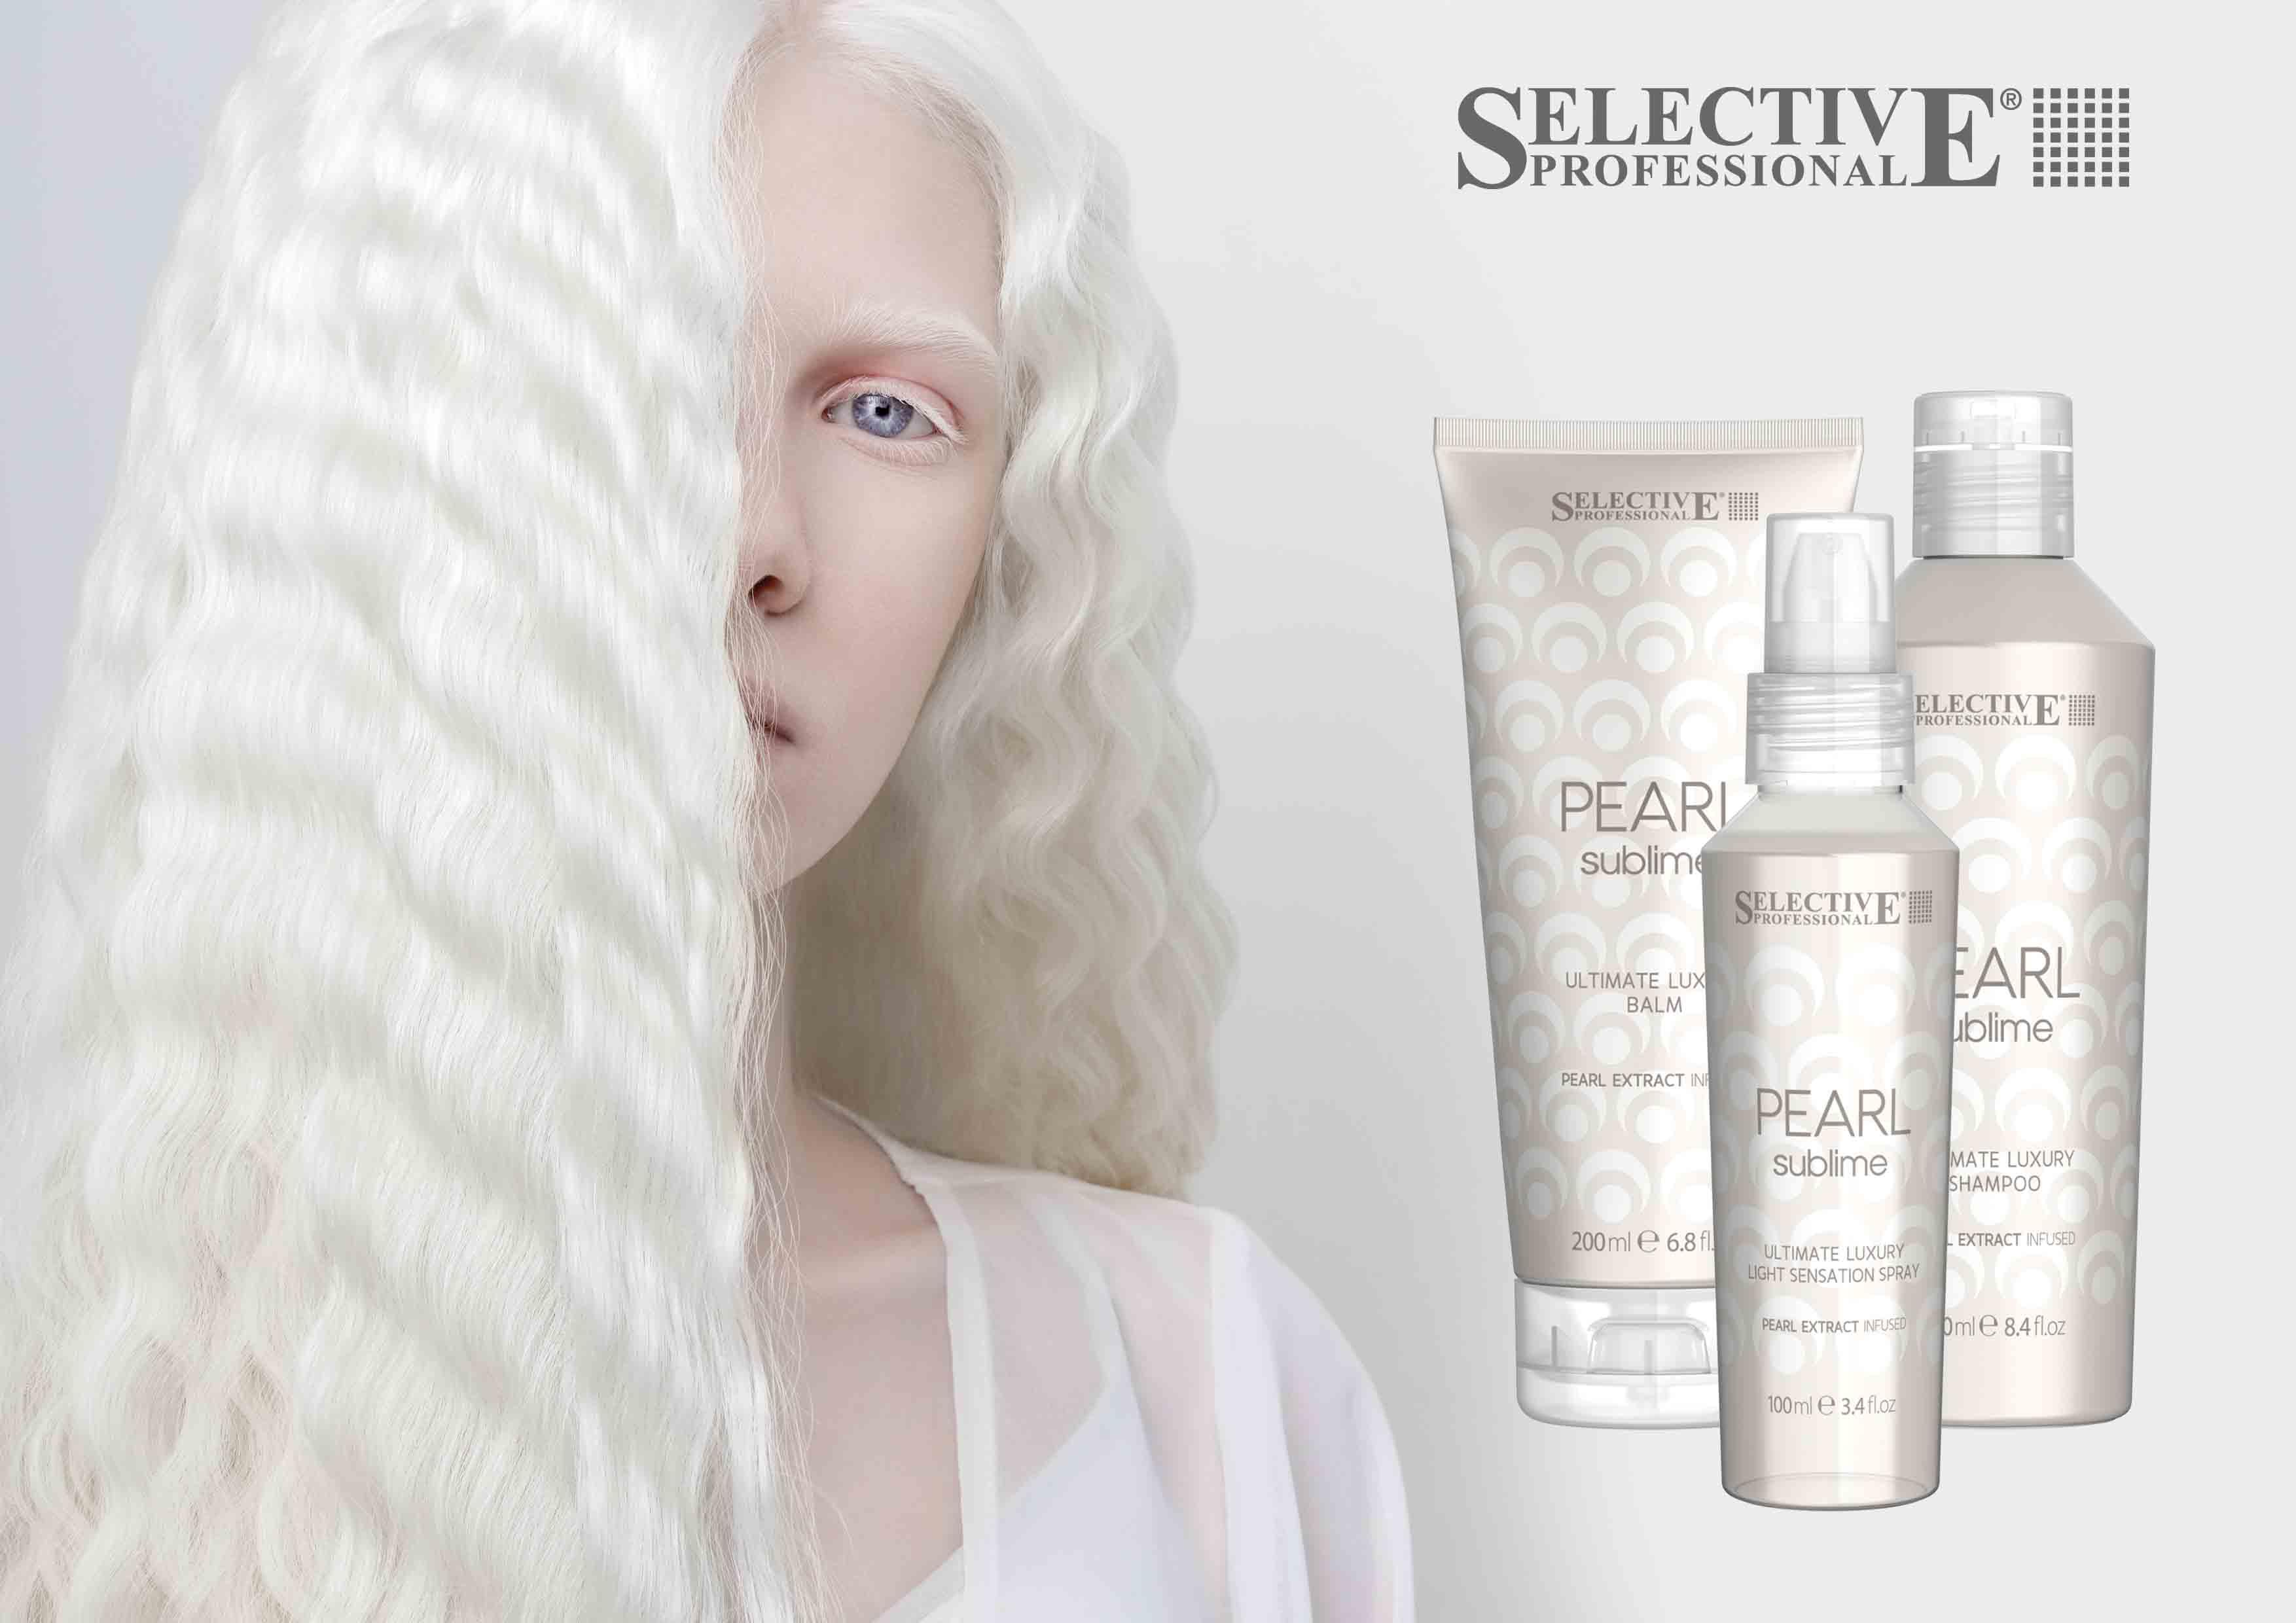 Pearl Sublime - профессиональный уход для волос с экстрактом жемчуга от Selective Professional